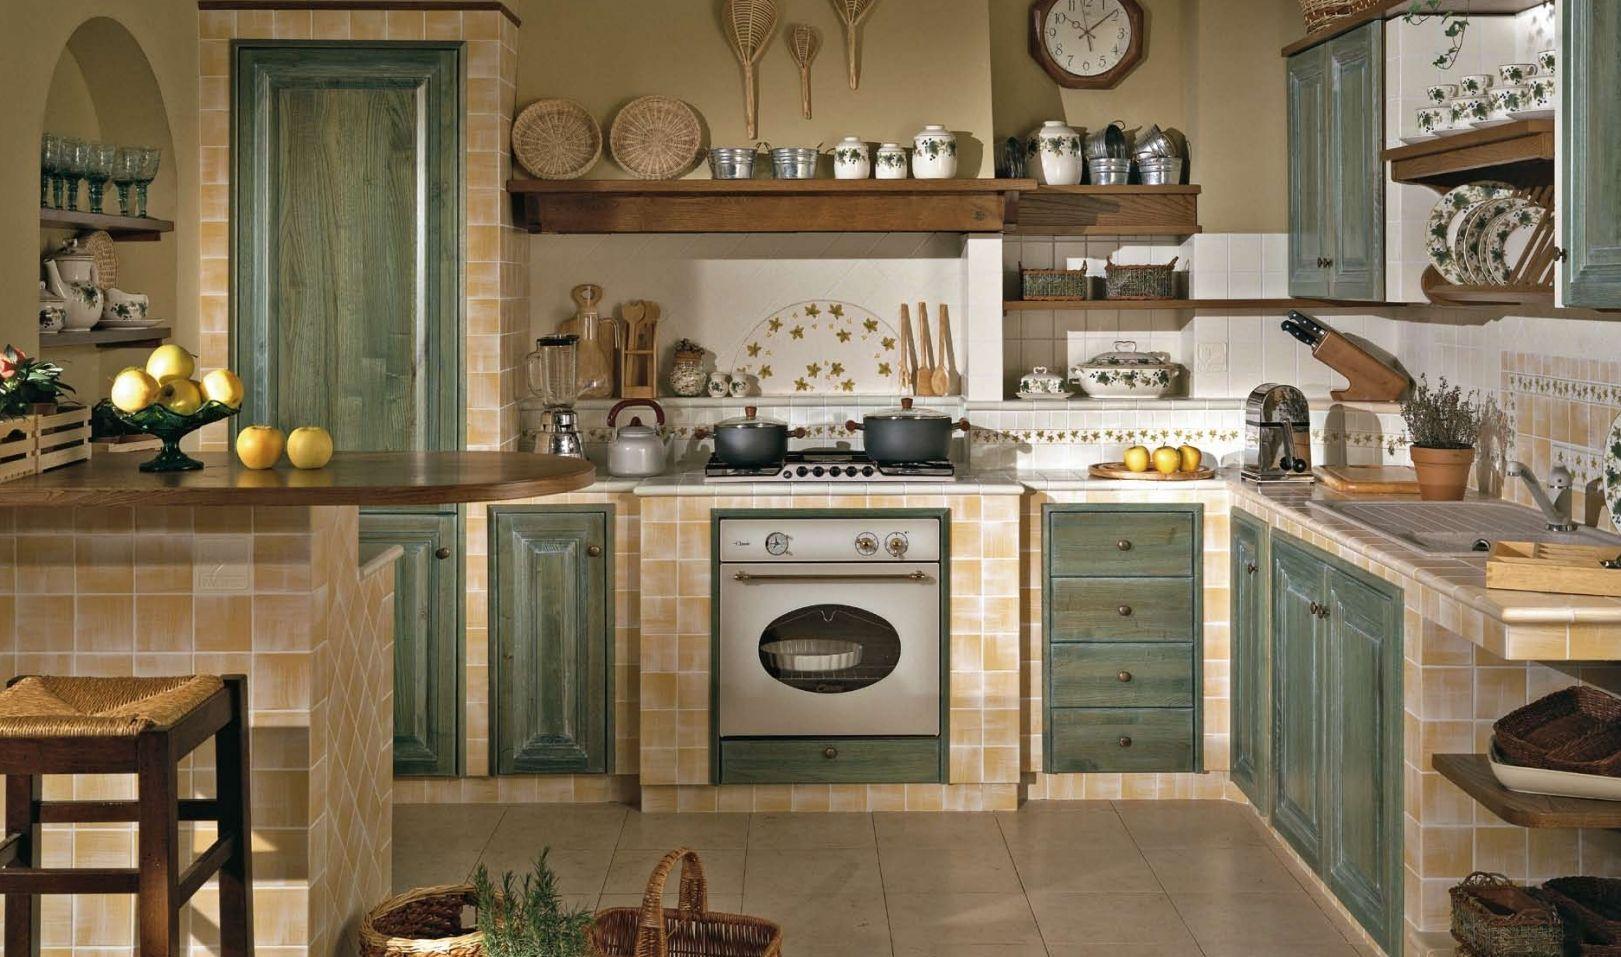 bildergebnis für arredamento toscano haus küchen landhausküche küchen rustikal on outdoor kitchen ytong id=74526